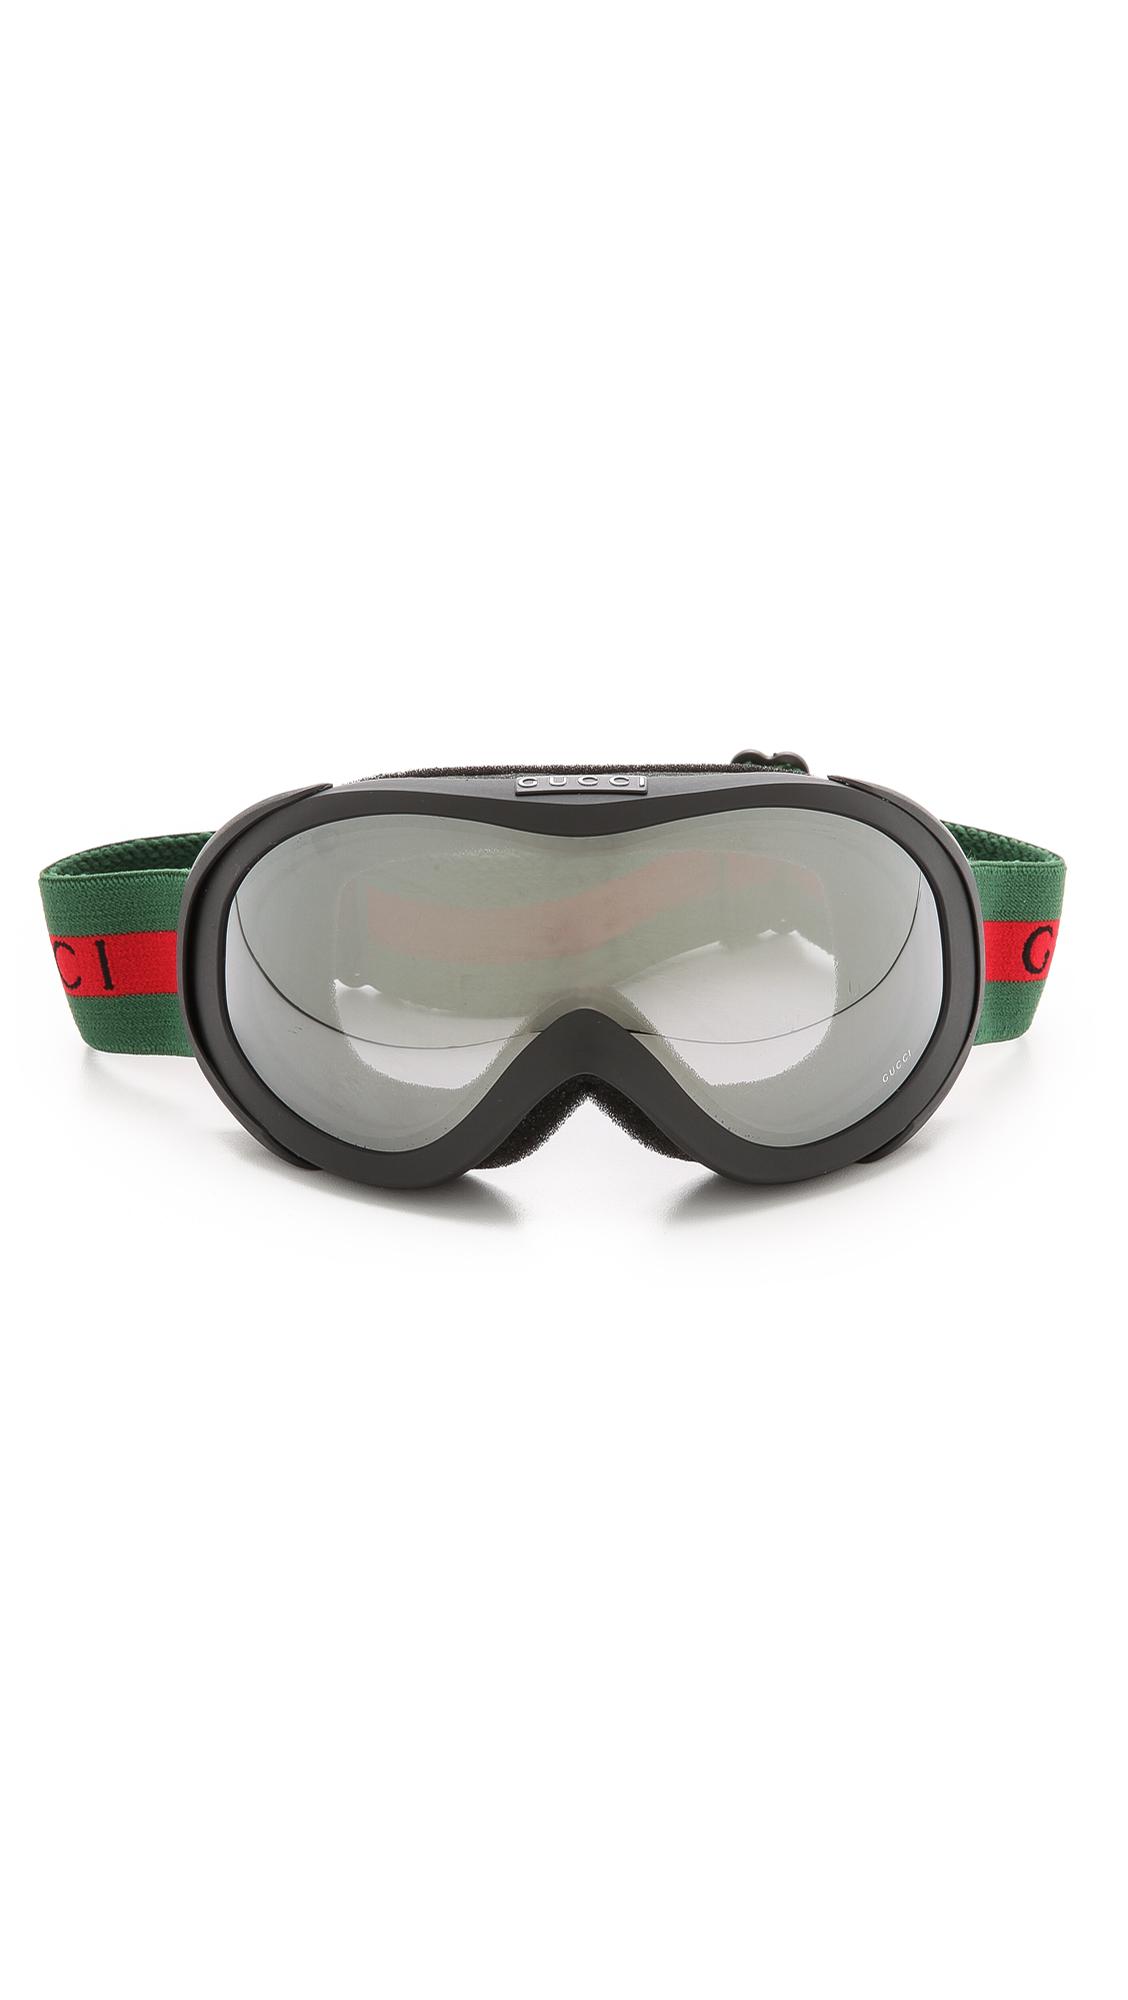 e6dc179816f8 Gucci Ski Goggles